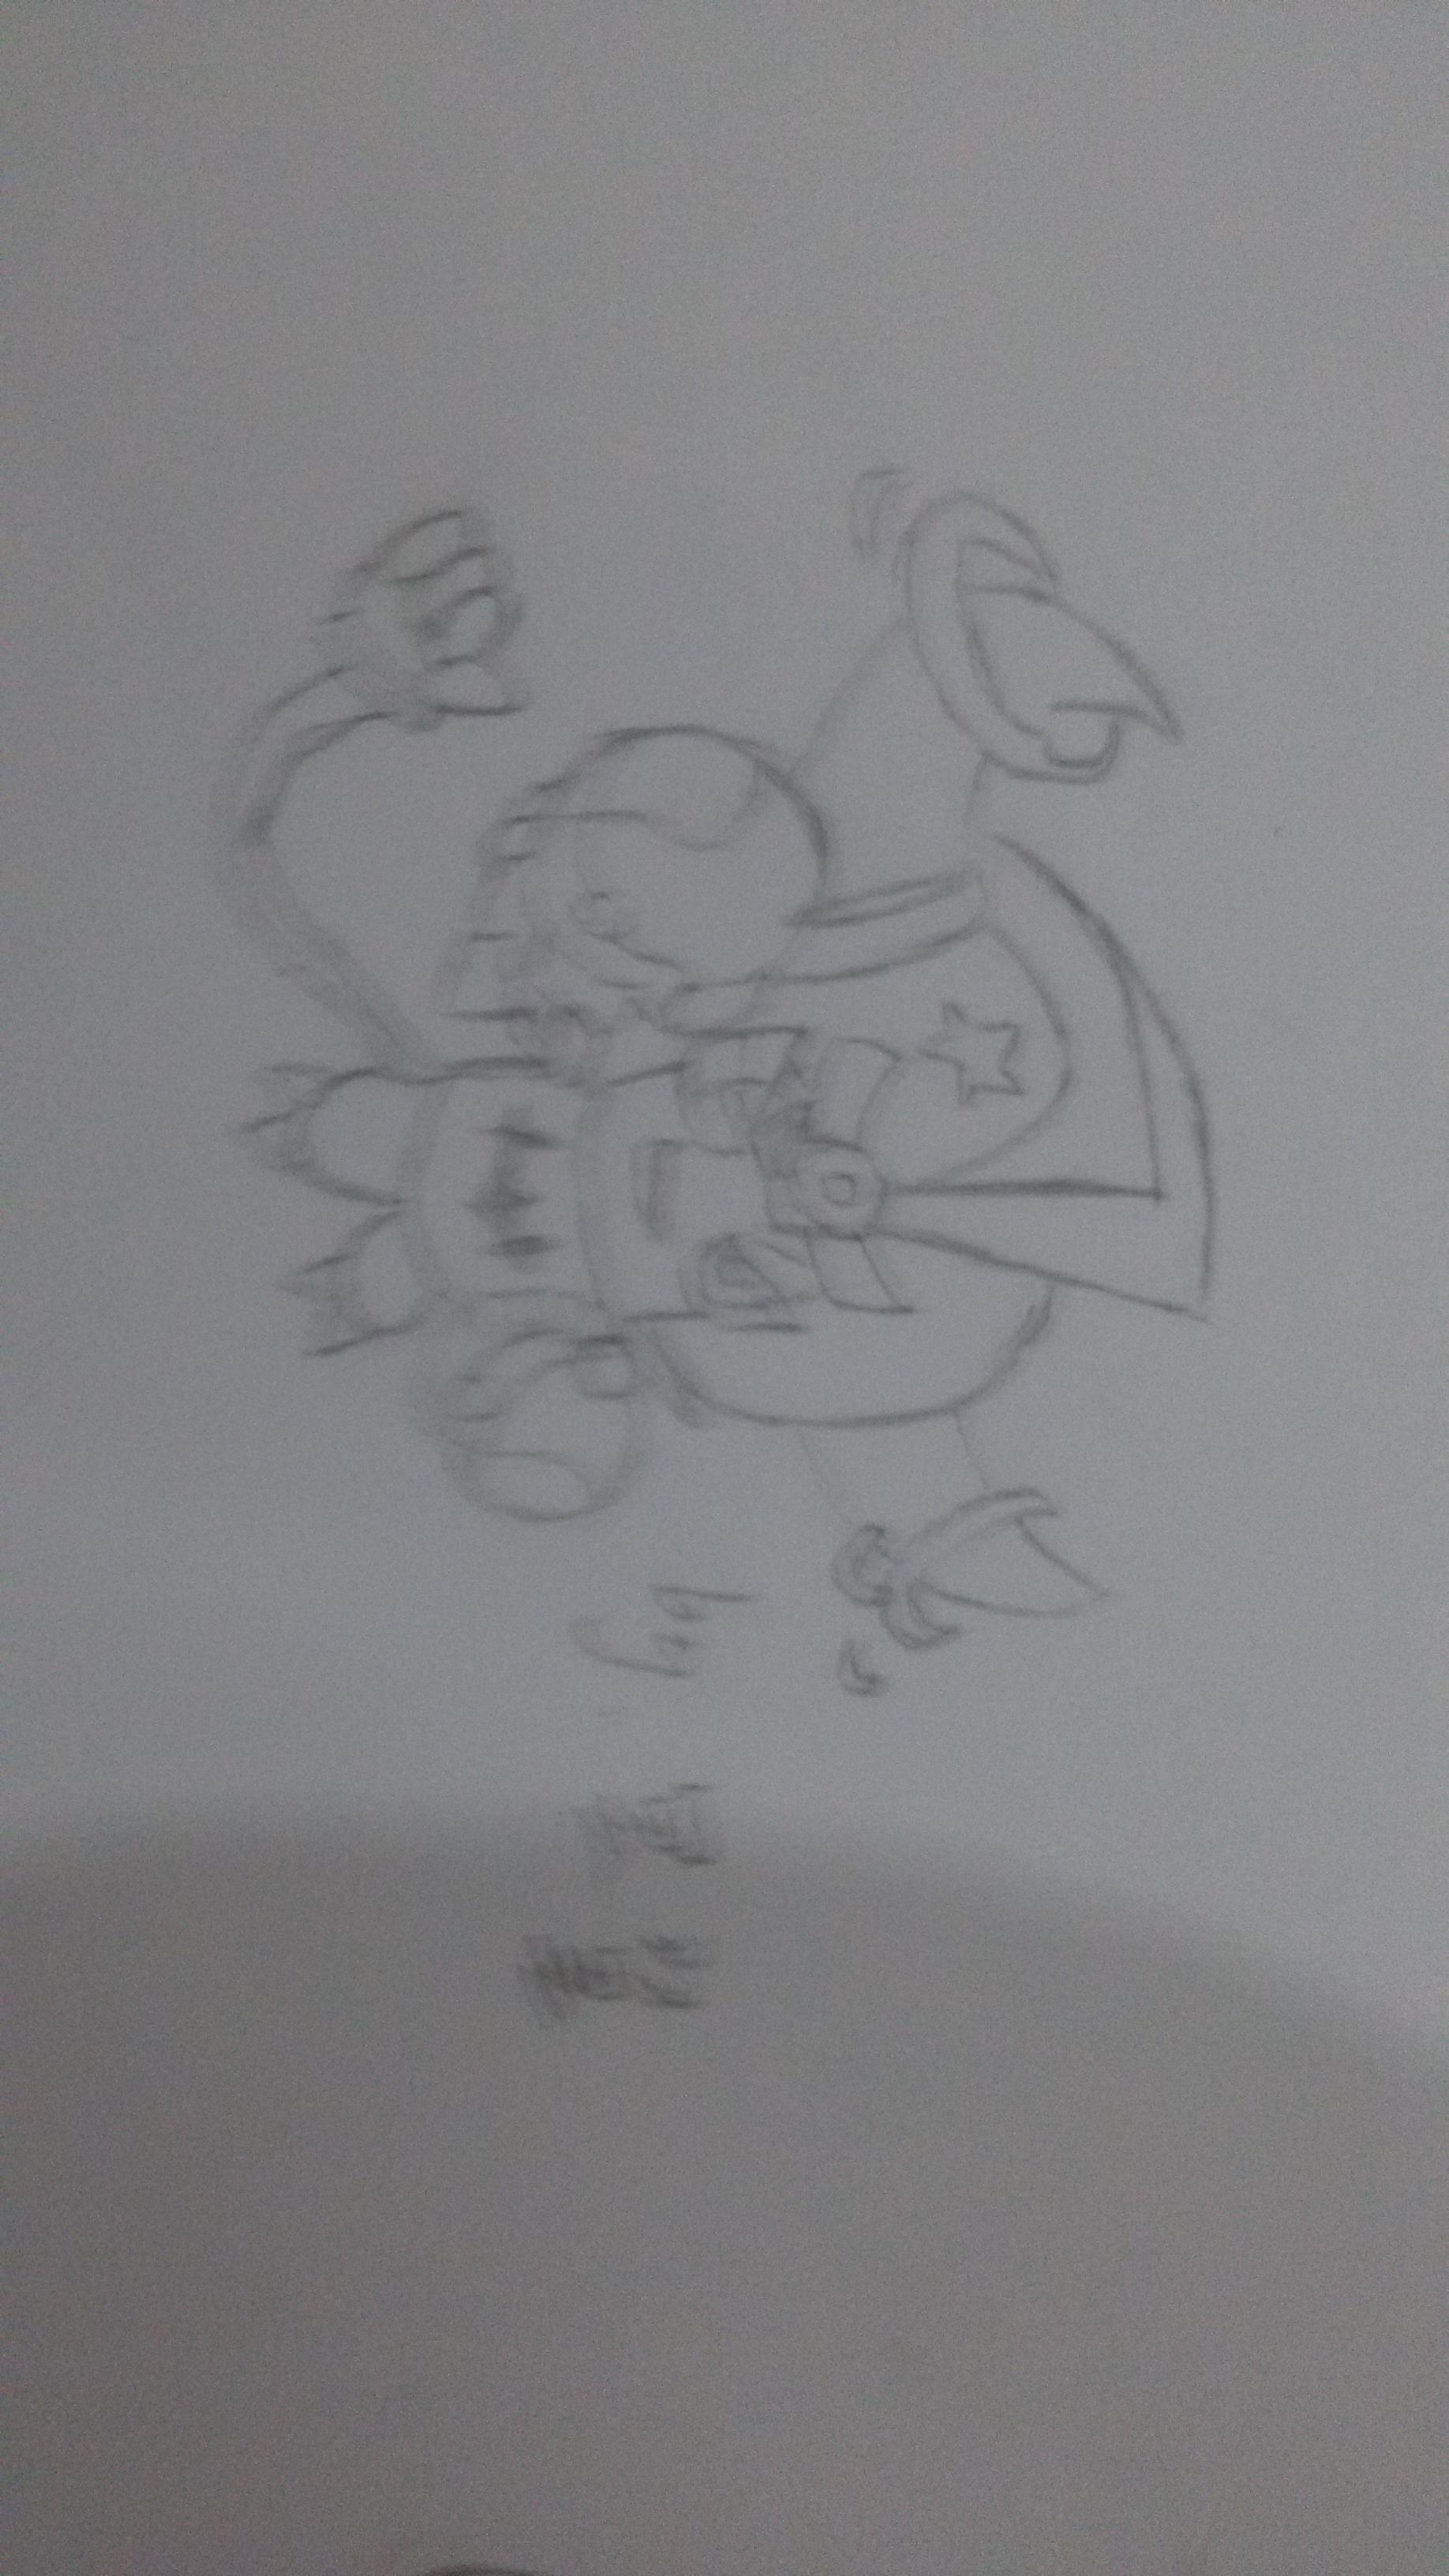 【冥翼】手绘线绘奥奇跑男